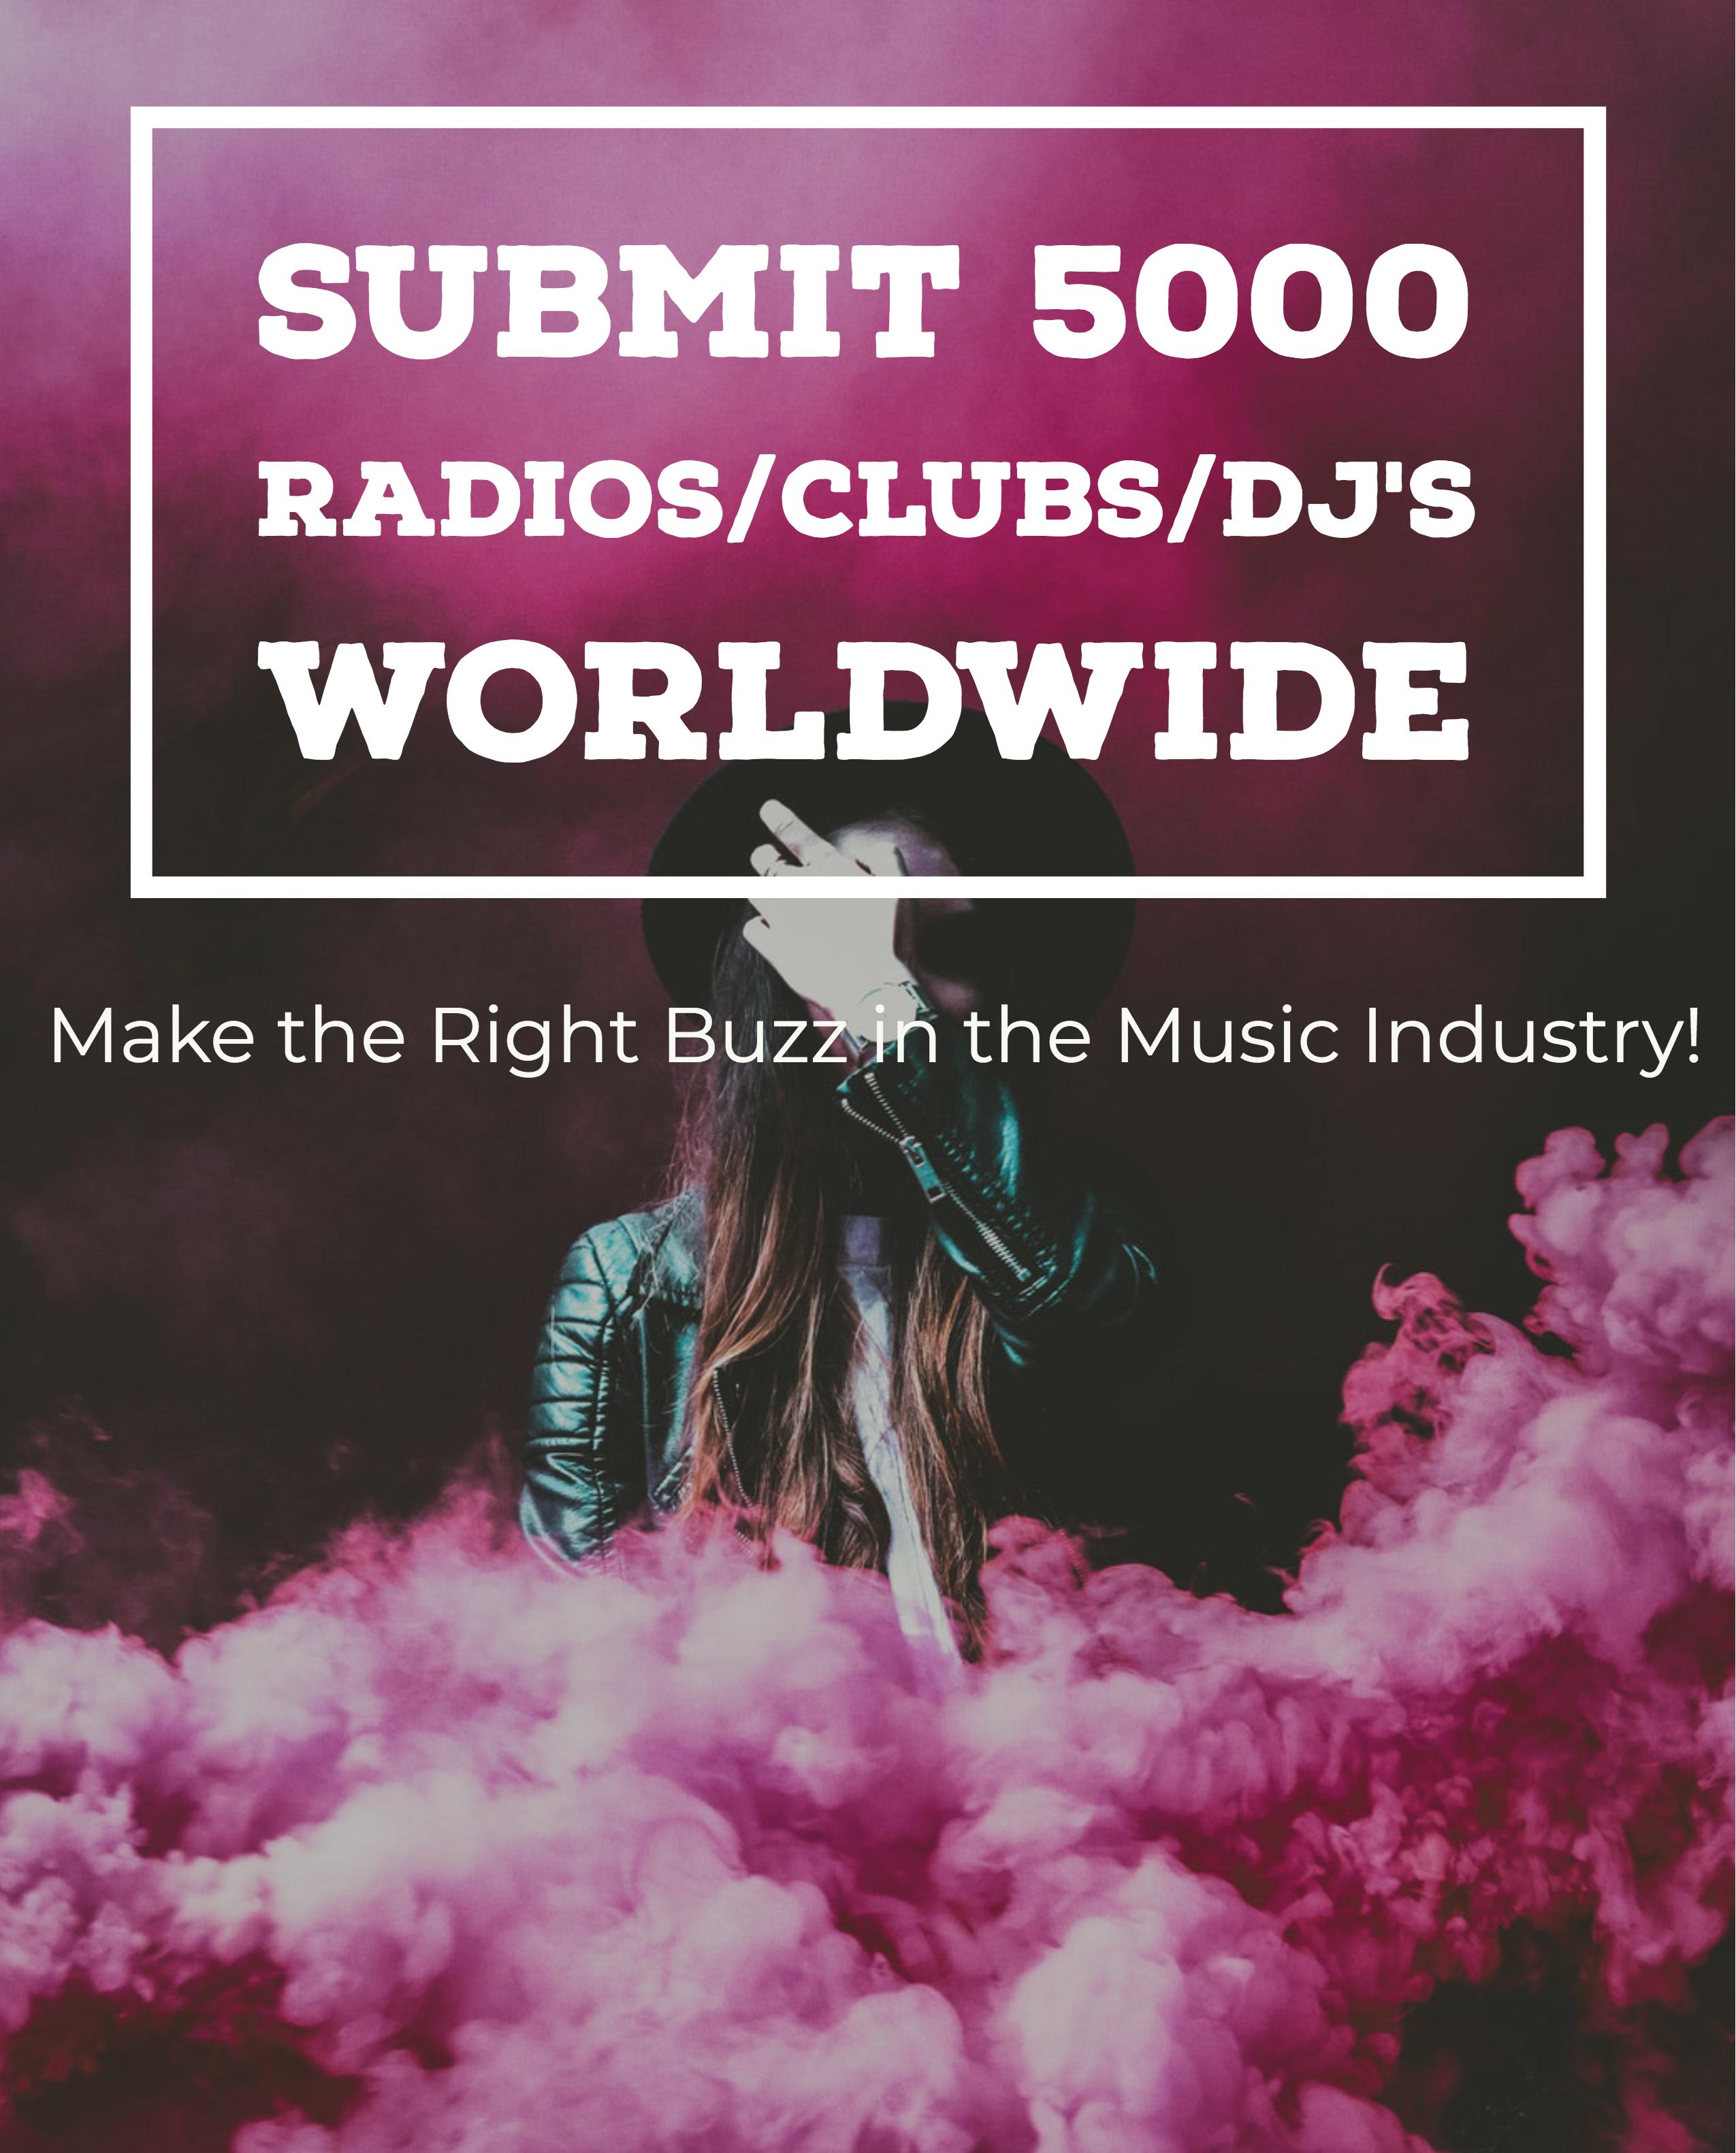 Submit to 5000 DJ World Wide